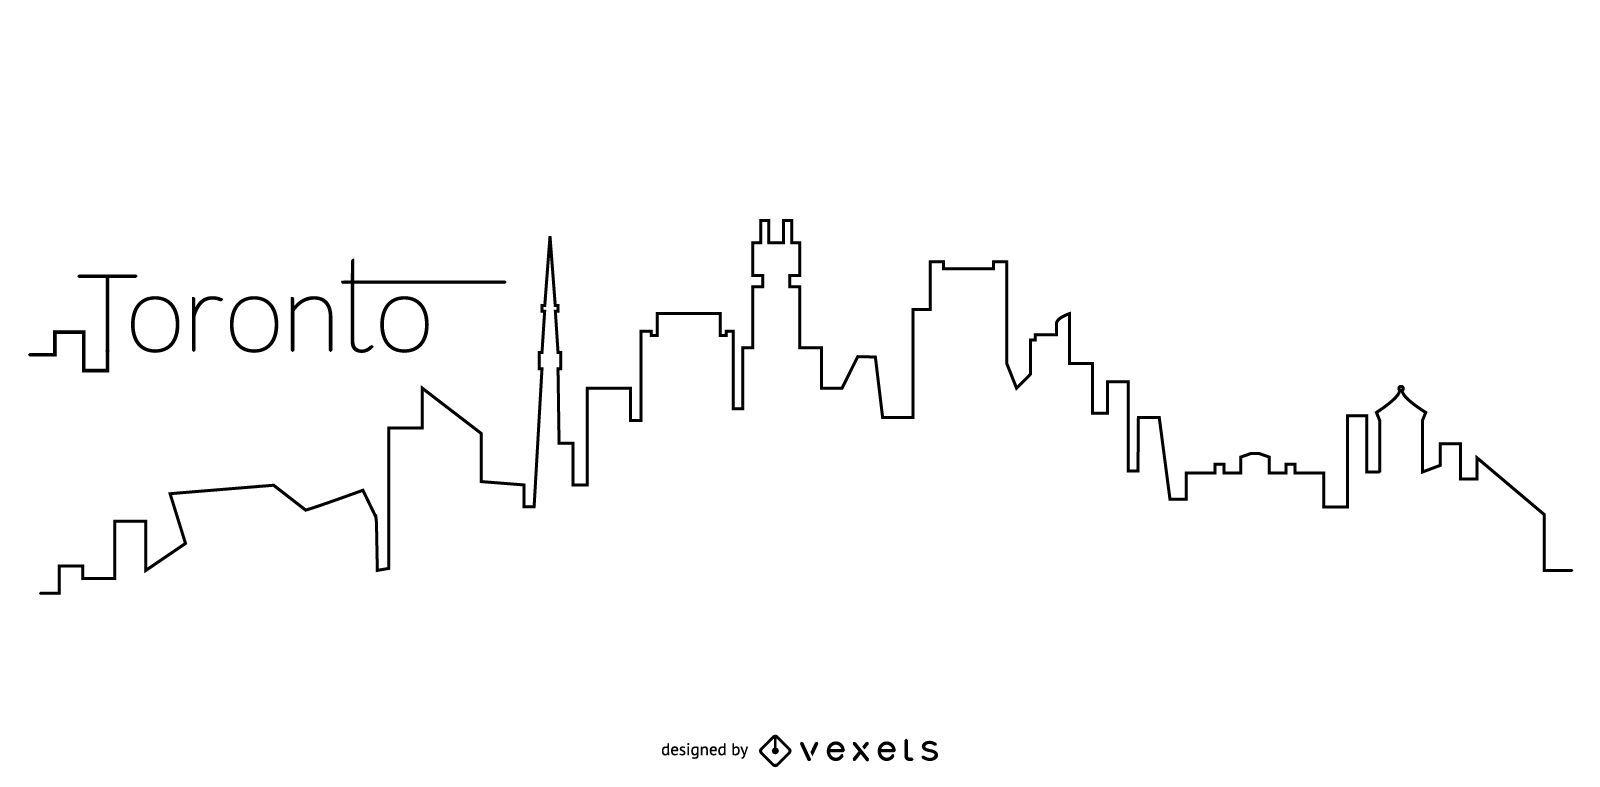 Contorno del horizonte de Toronto